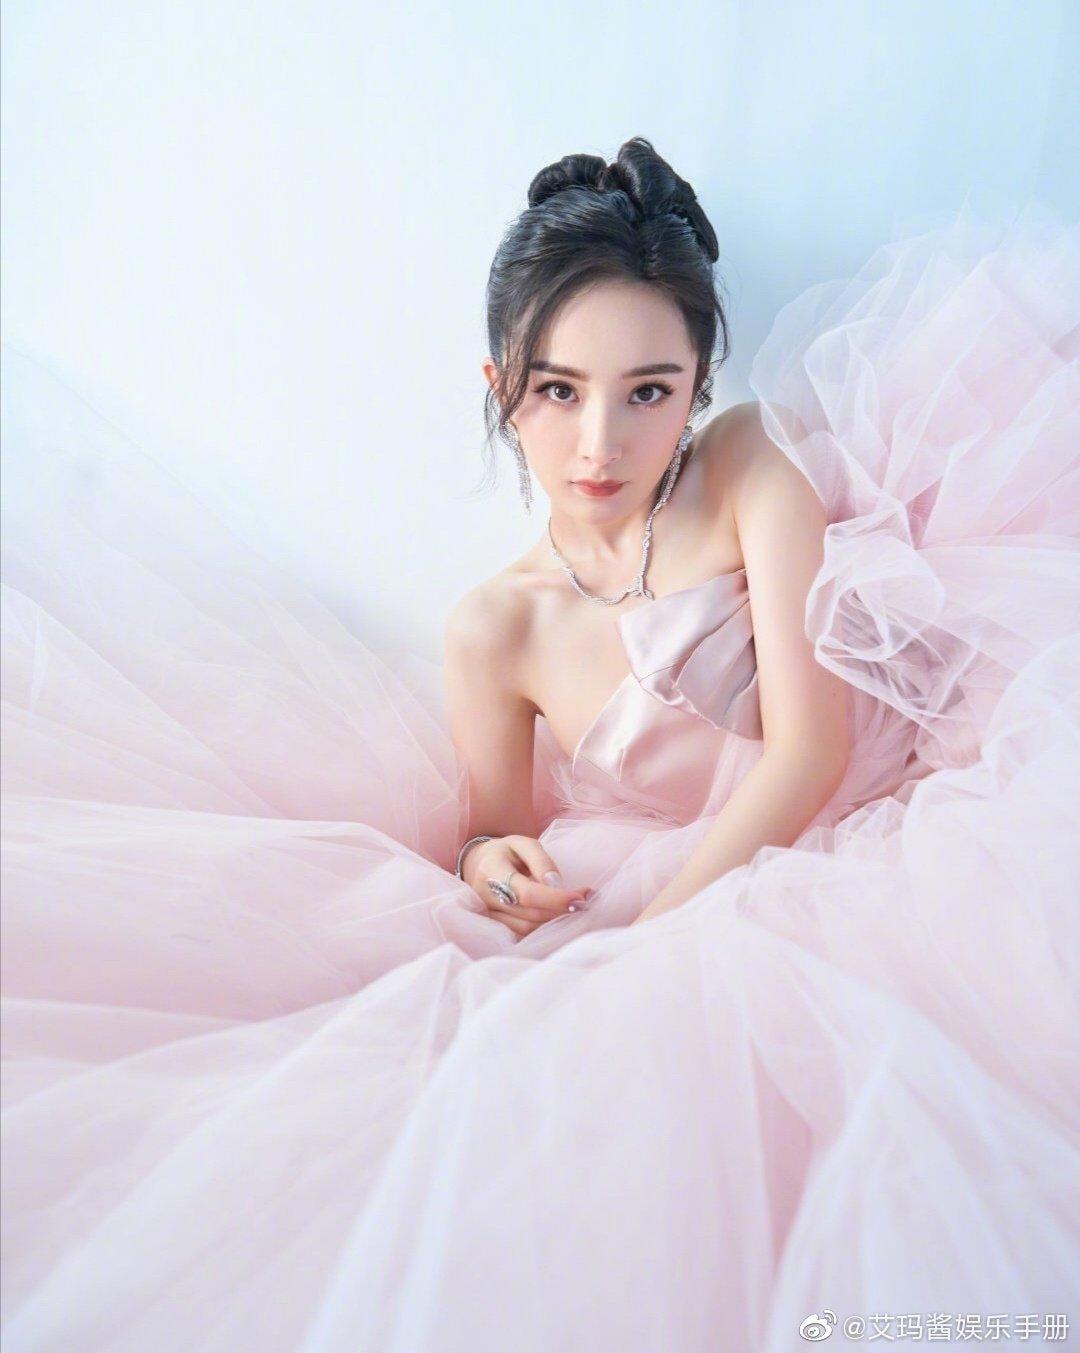 17 mỹ nhân Cbiz đọ sắc trong váy dạ hội màu hồng: Lộ Tư kiêu sa, Dương Mịch quyến rũ, Nhiệt Ba 'ngọt lịm' đến trùm cuối sến súa nổi da gà 5